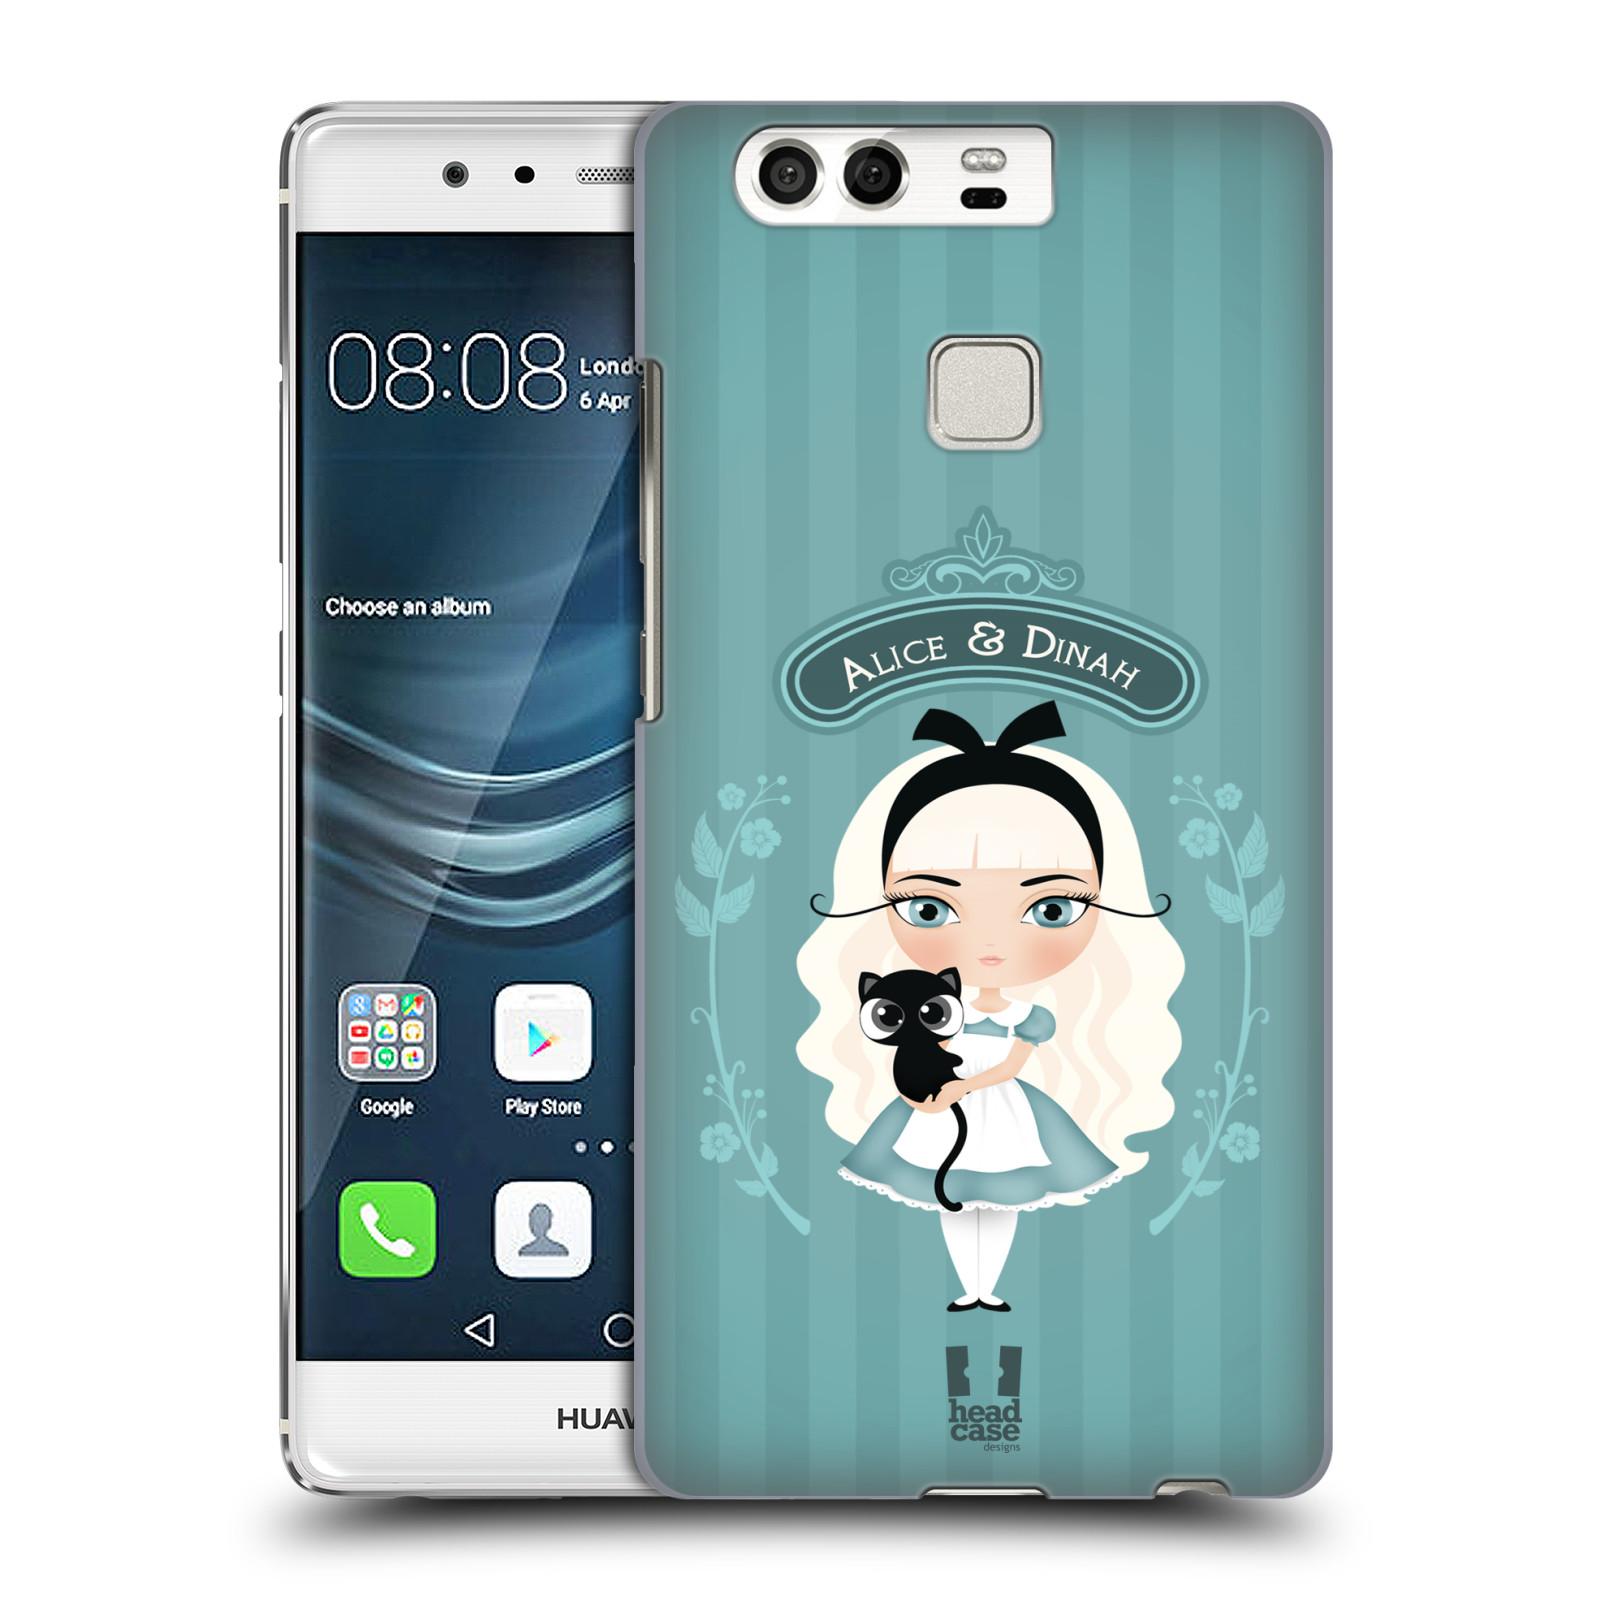 HEAD CASE plastový obal na mobil Huawei P9 / P9 DUAL SIM vzor Alenka v říši divů Alenka